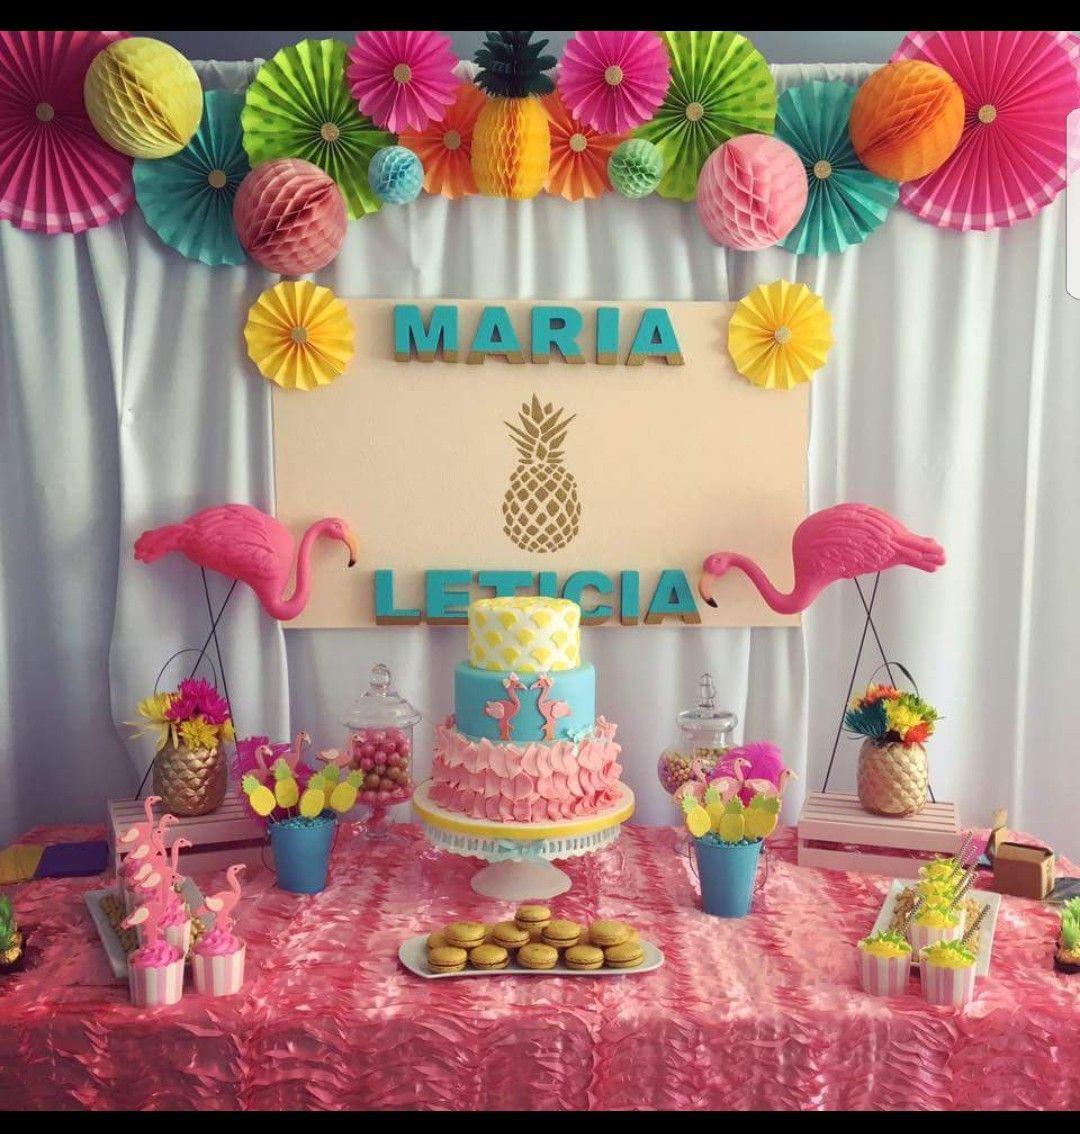 Pin de mariana leonardi en flamenco pinterest tematicas de fiestas fiestas y cumplea os - Fiesta hawaiana ideas decoracion ...